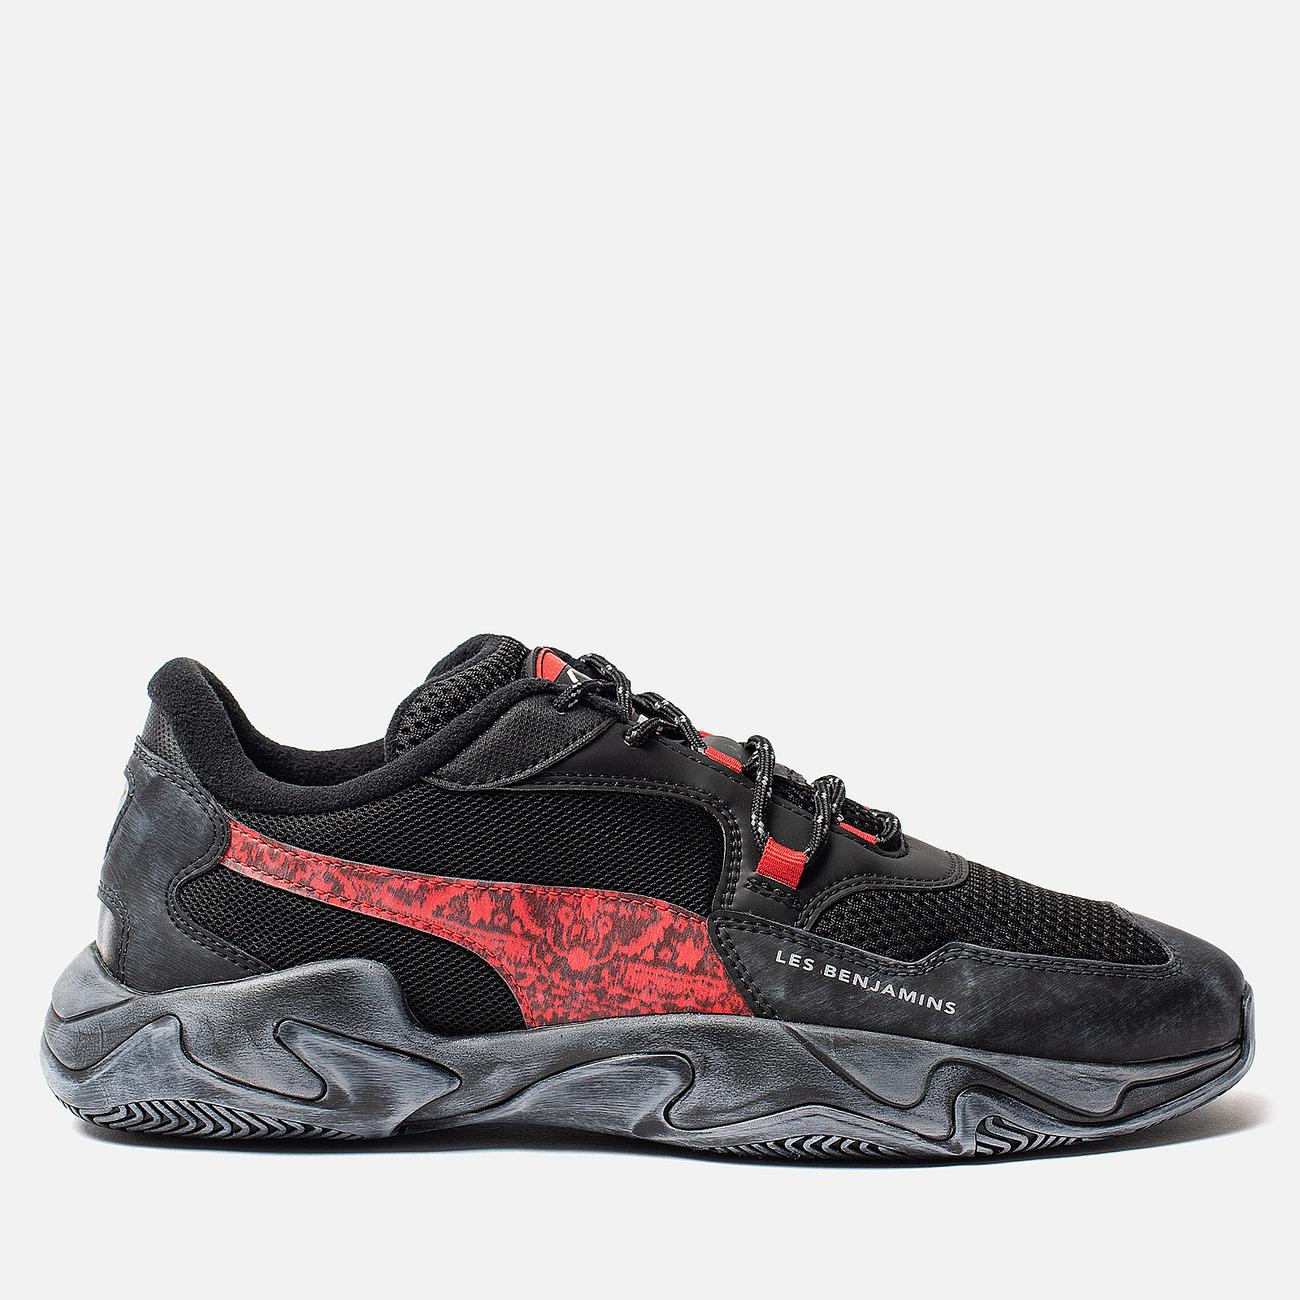 Мужские кроссовки Puma x Les Benjamins Storm Black